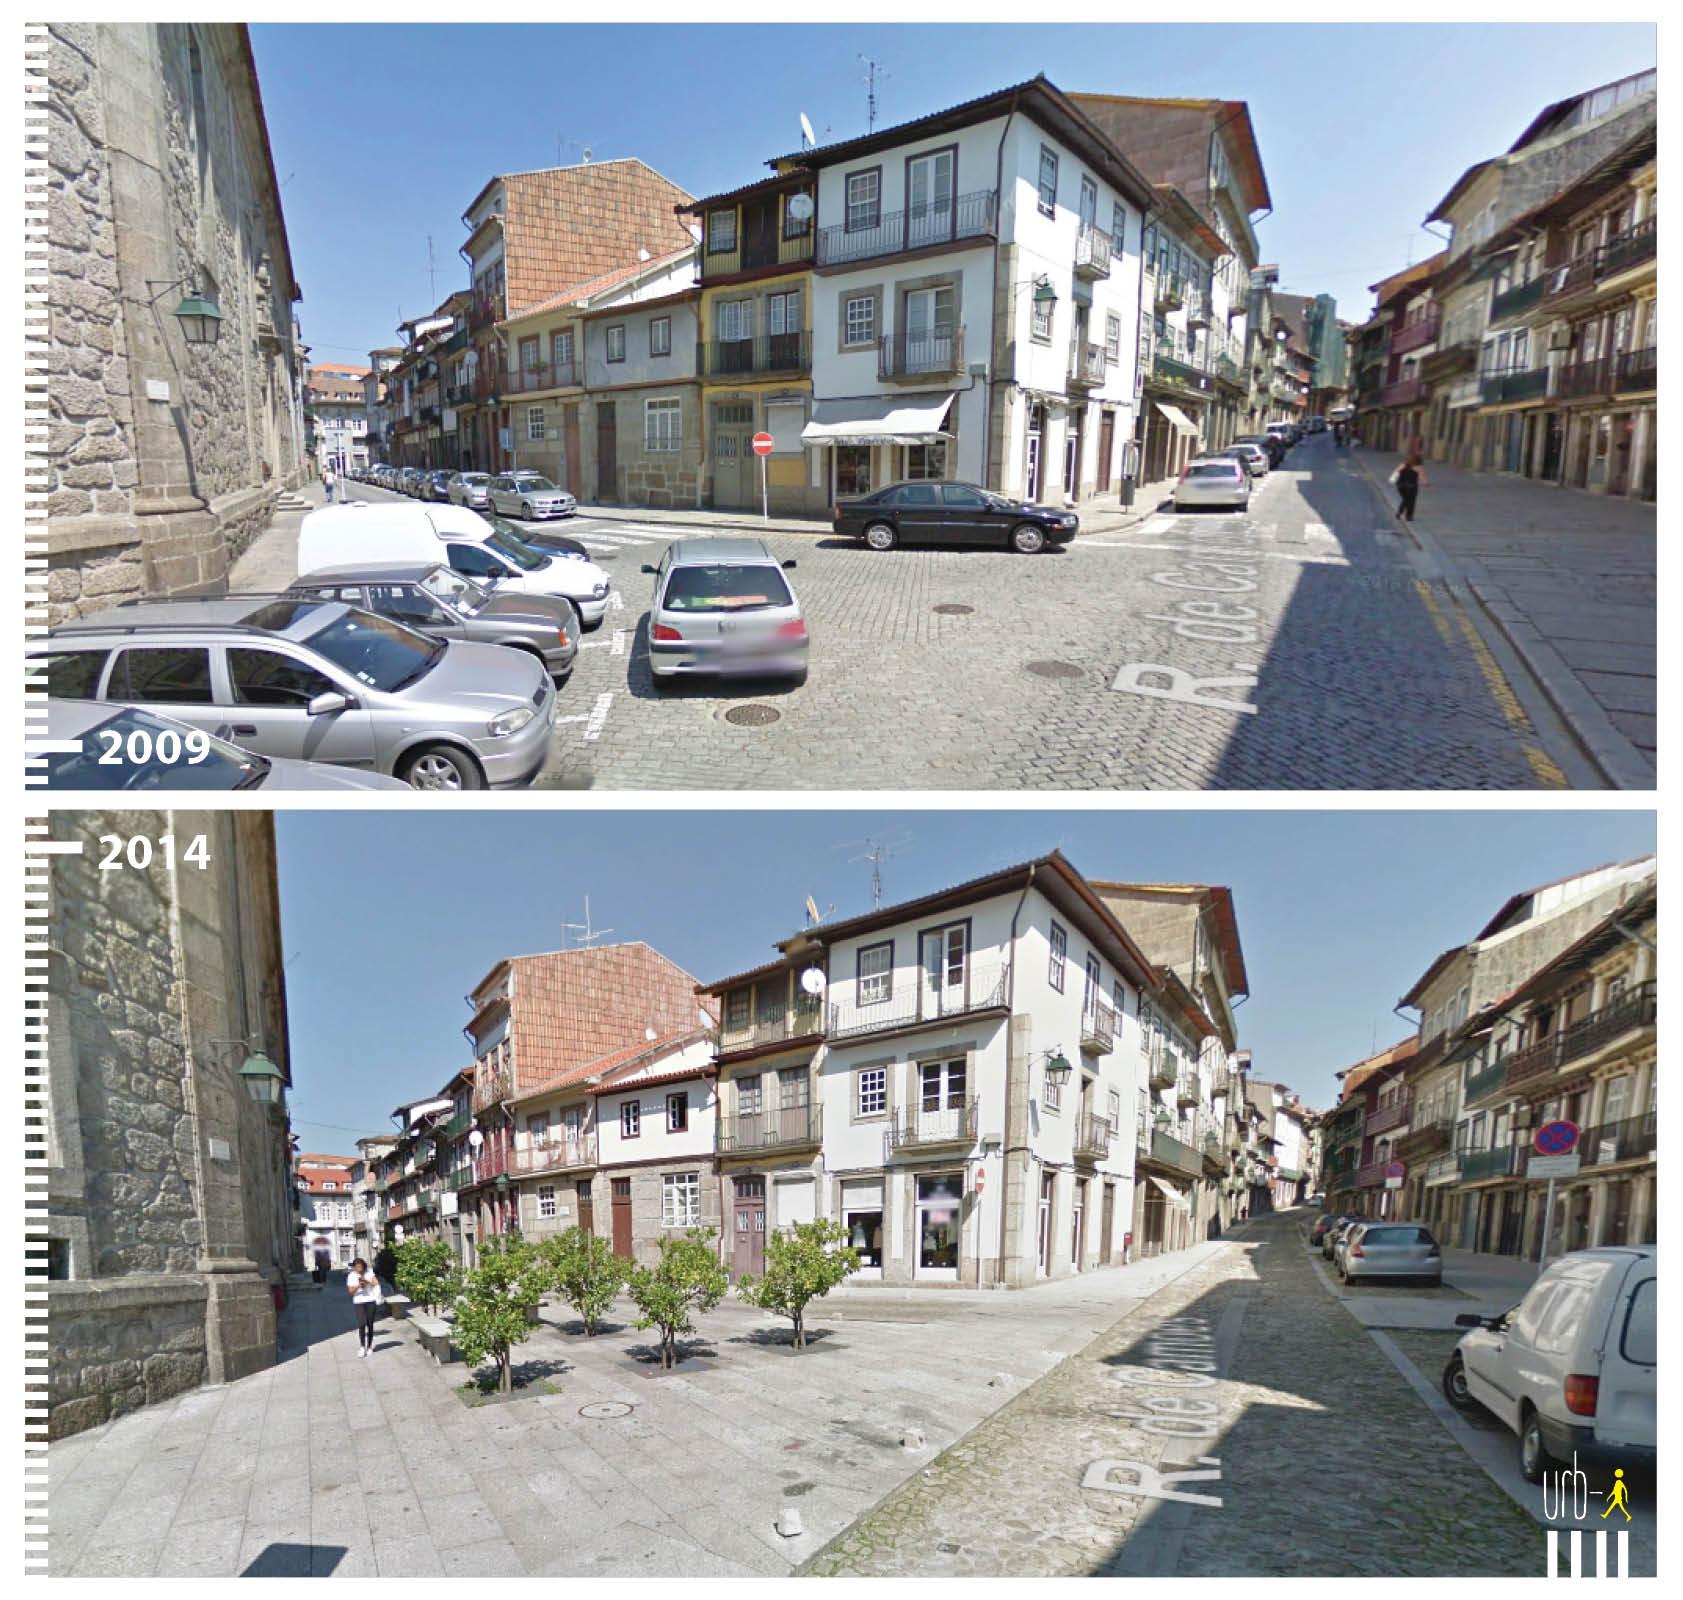 1160_PT_Guimarães,_Rua_Dr._Bento_Cardoso